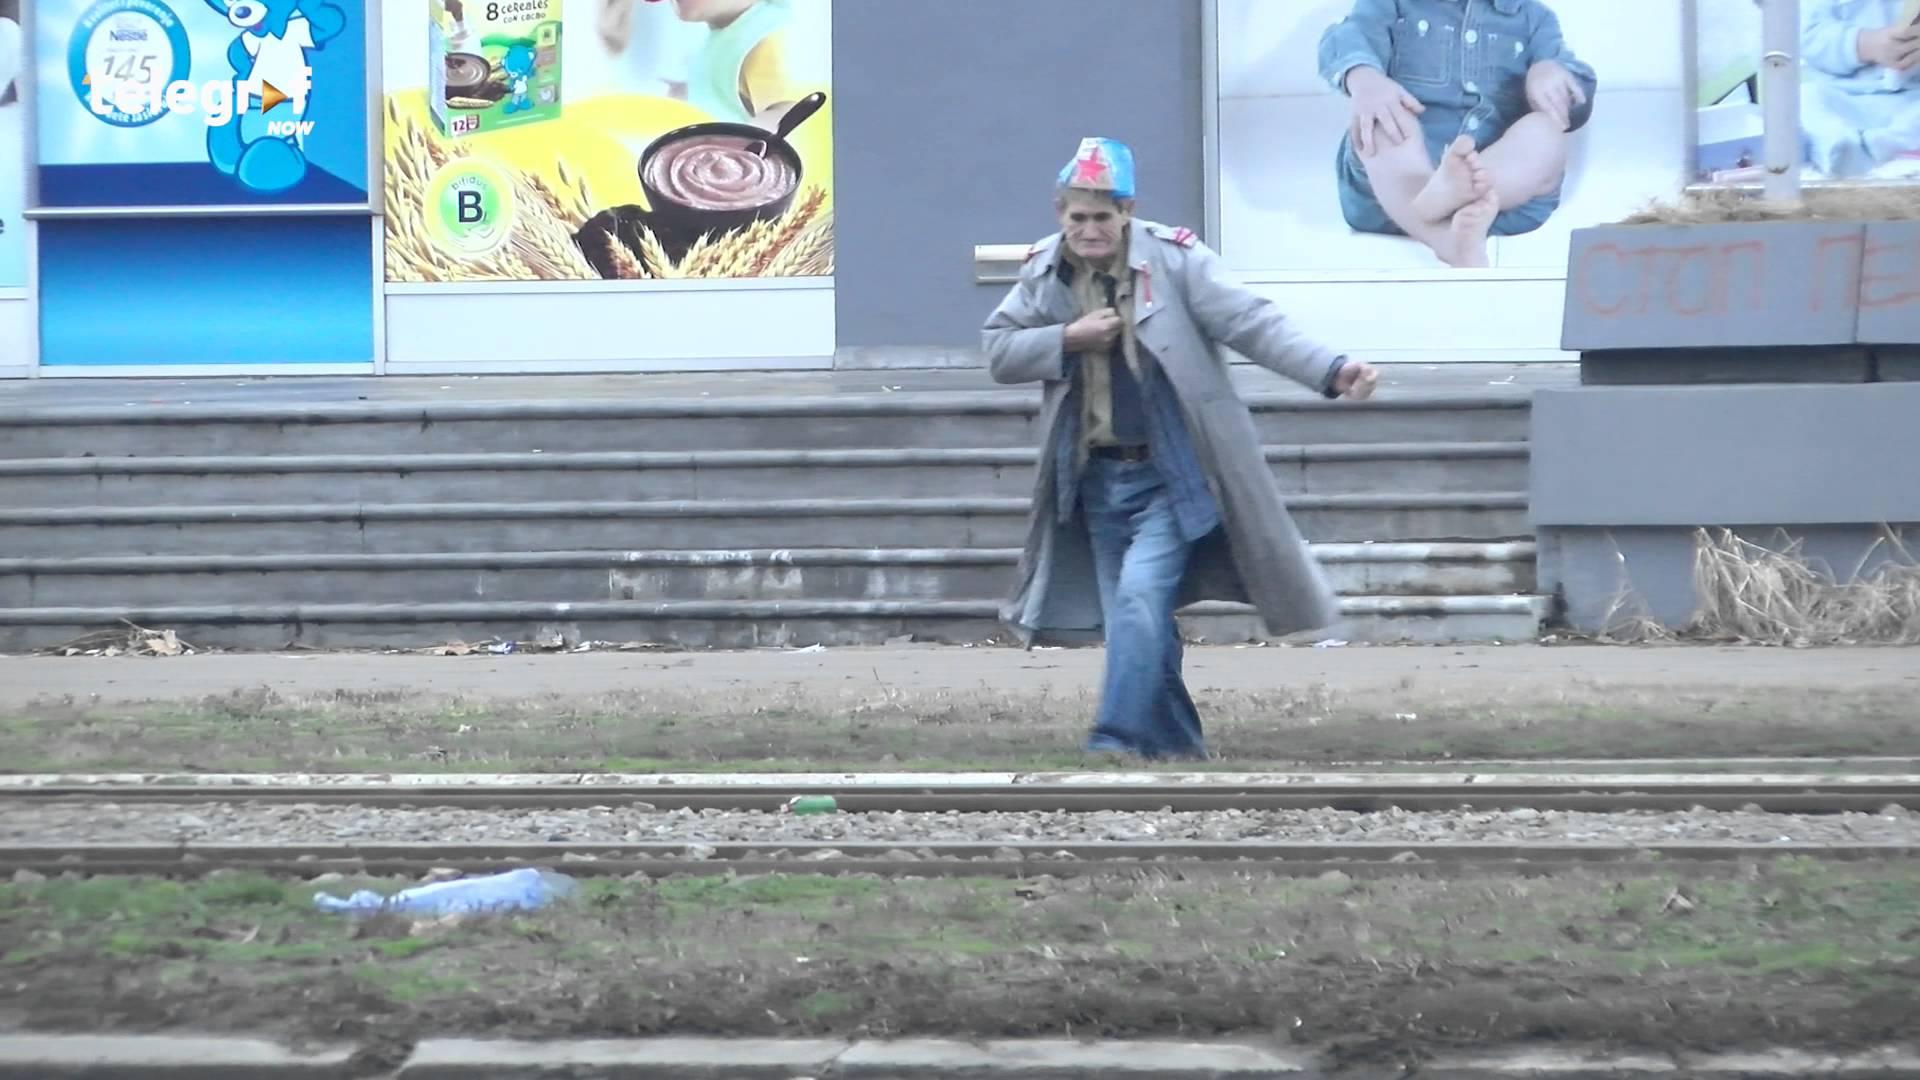 VALTER PROPO: Poslednji partizan uočen na ulicama Beograda!